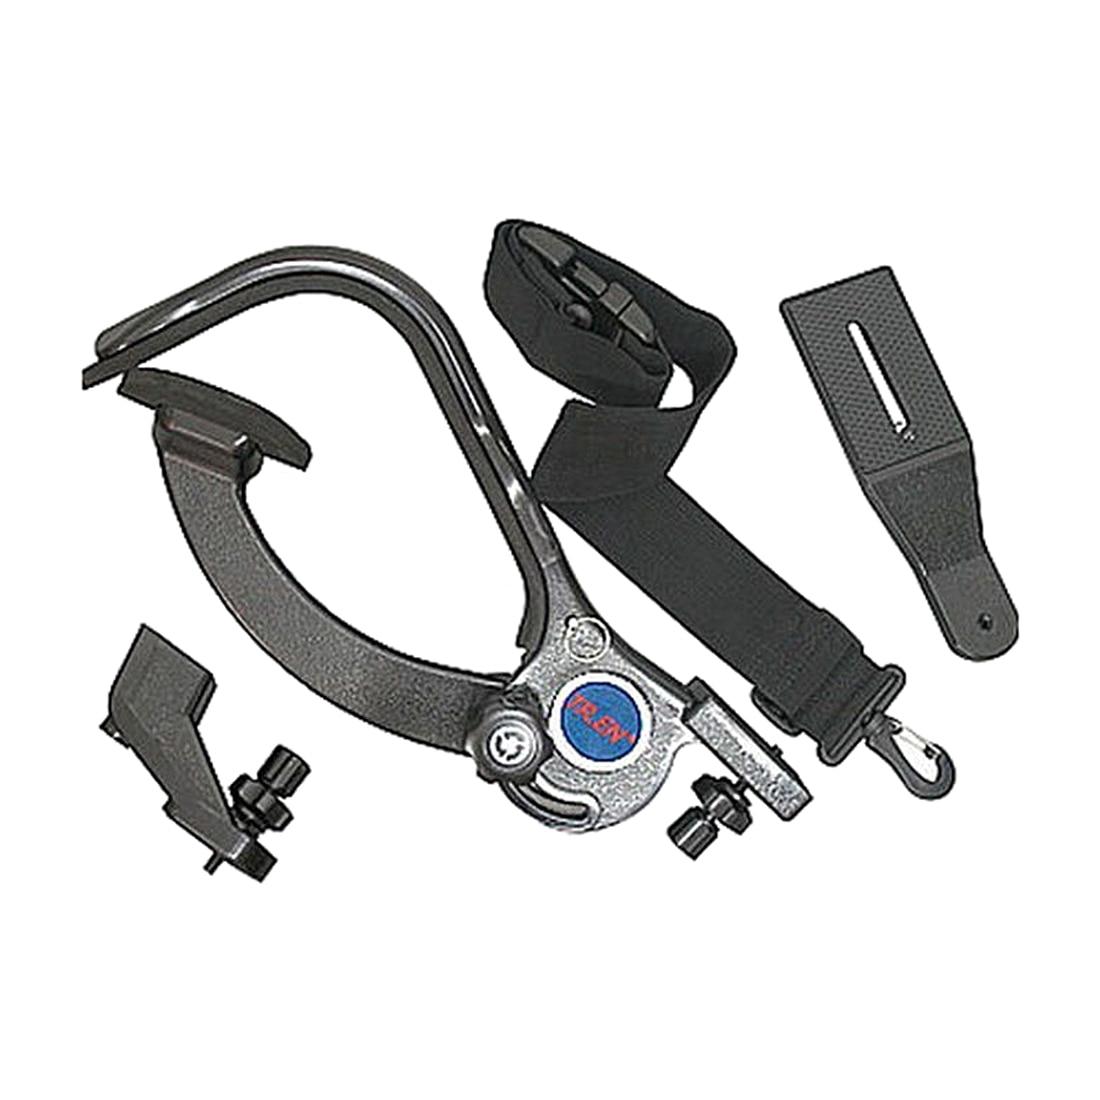 все цены на TREN Hands Free Shoulder Support Holder Pad Mount for Camcorder Video Camera DV/DC UK